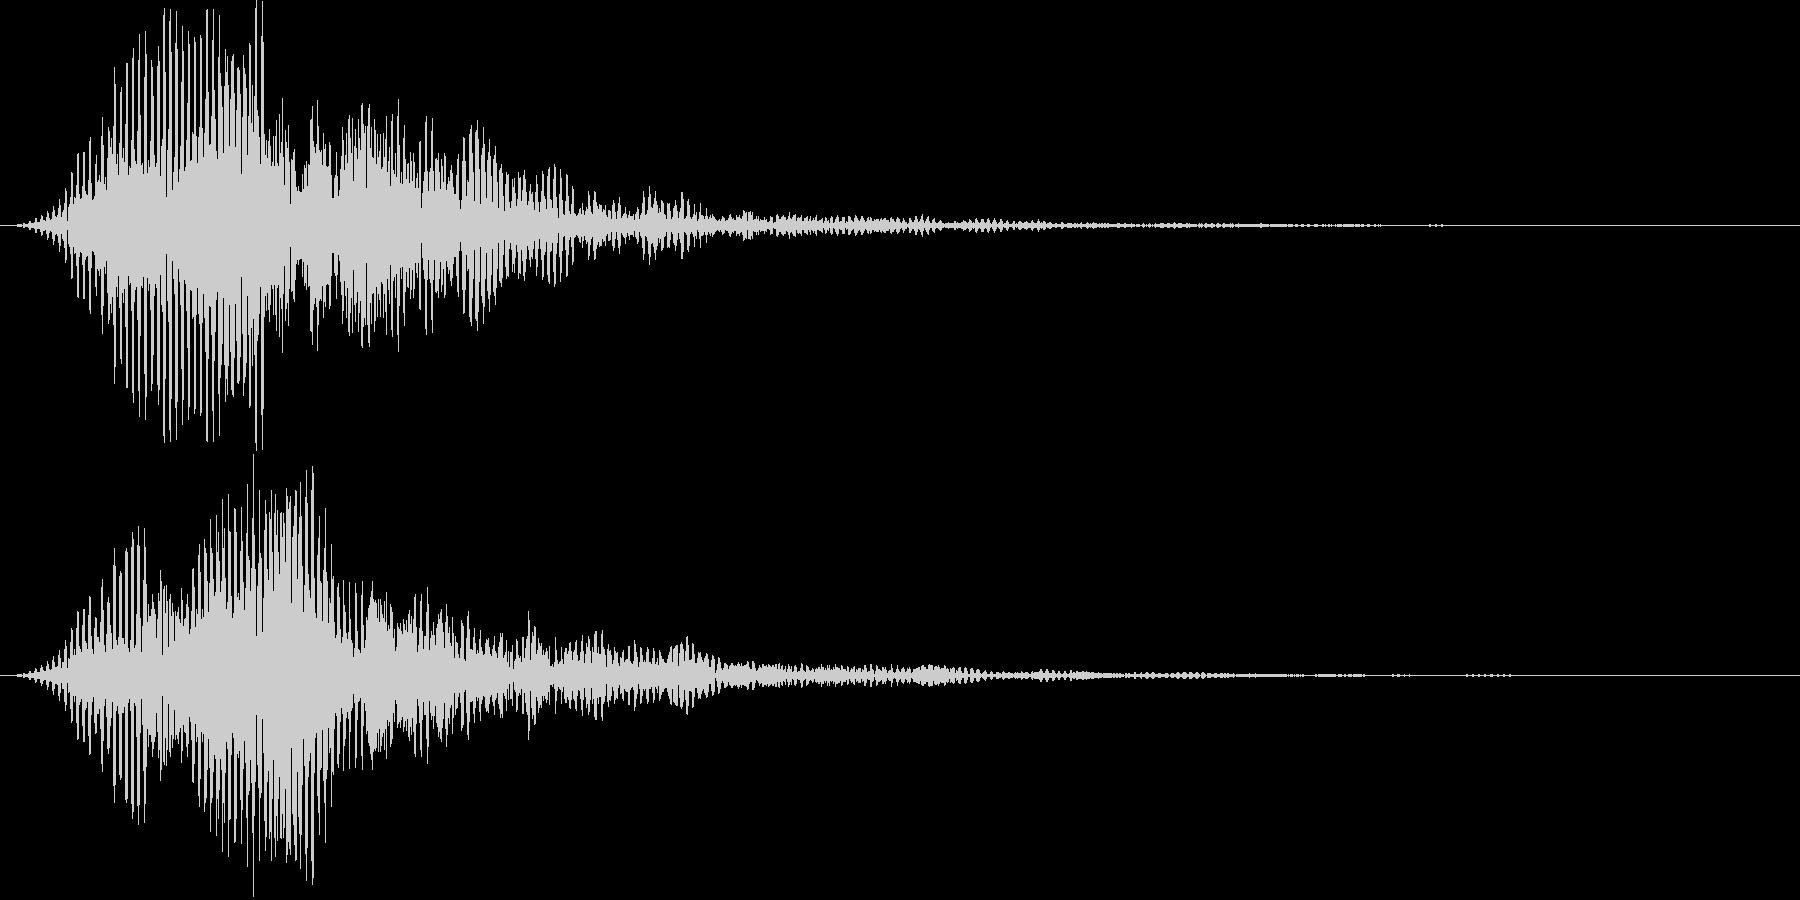 ロボット AI アンドロイド風 音の未再生の波形